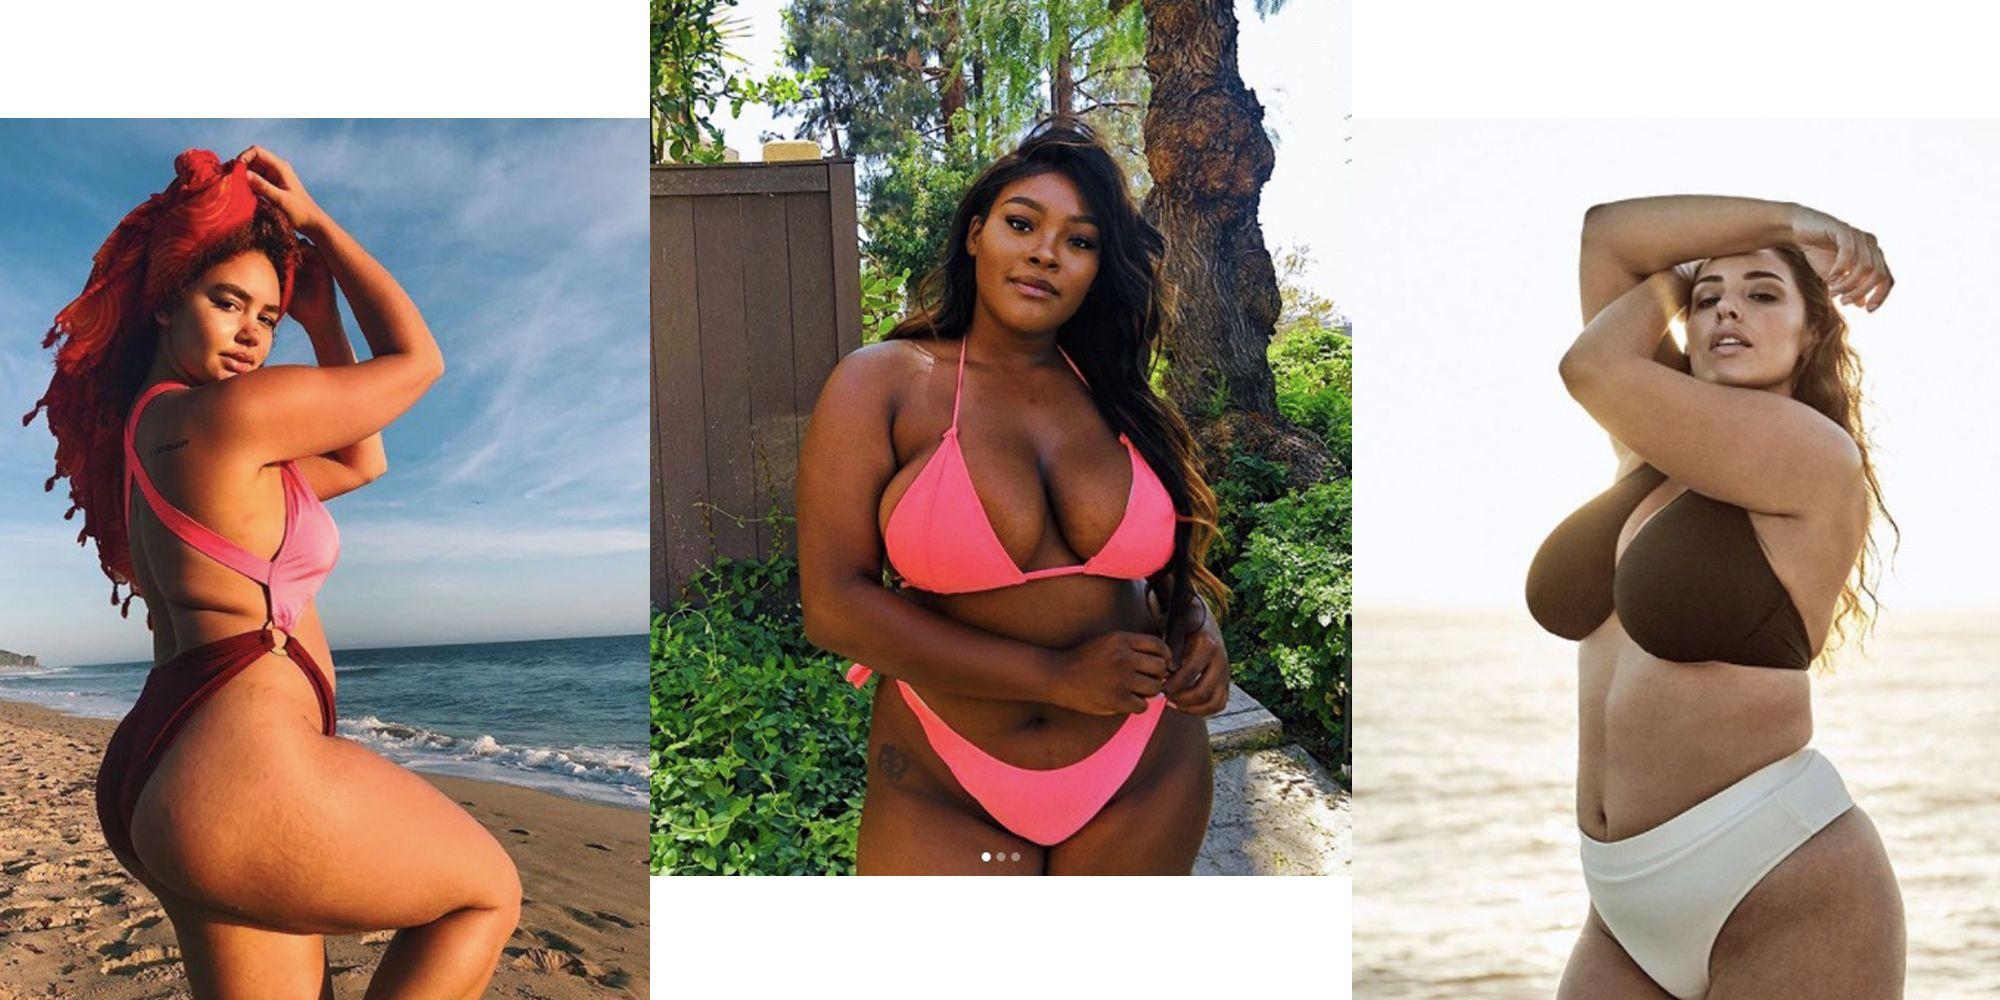 Curvy mature models